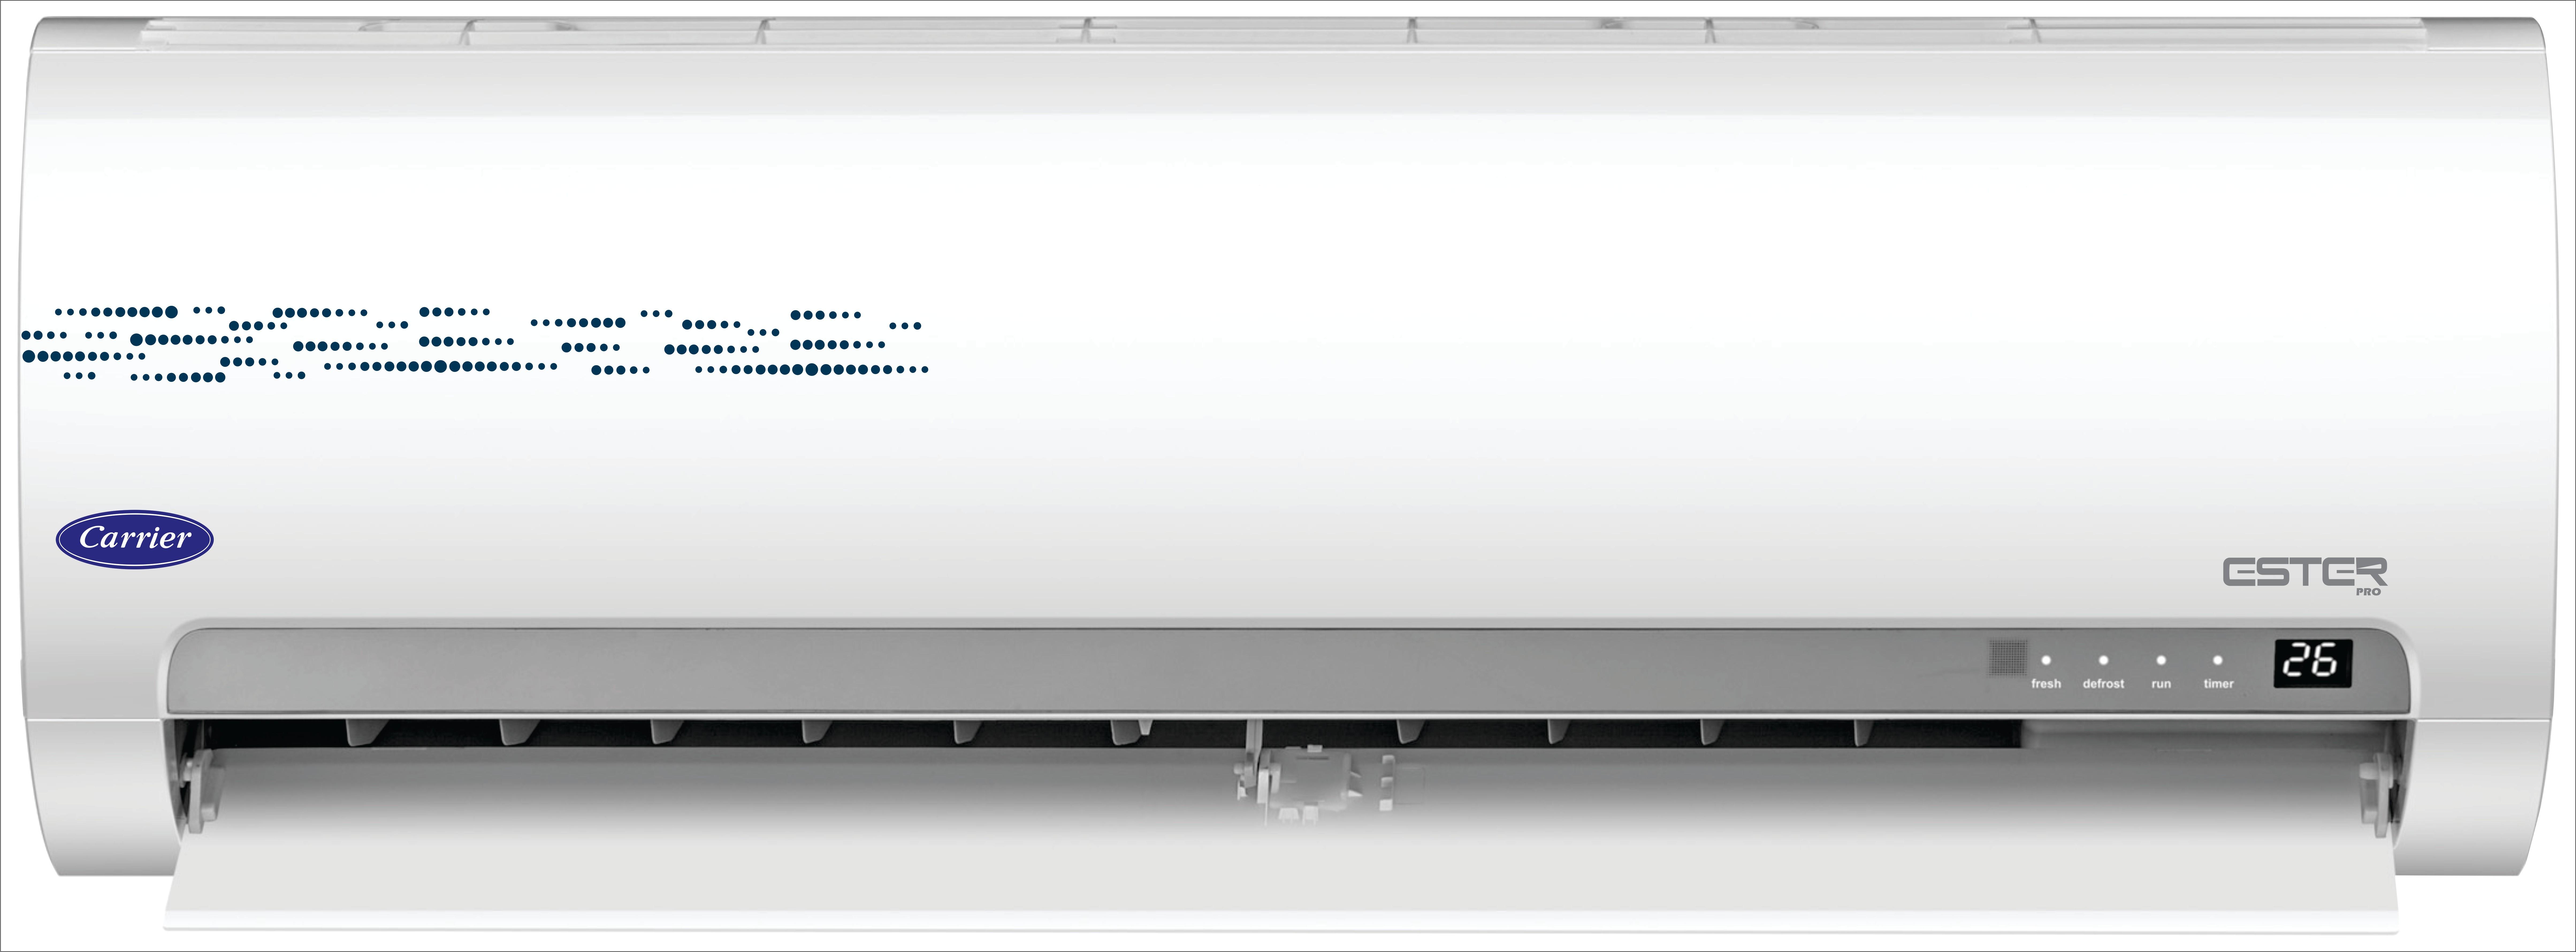 Carrier 1 Ton 5 Star Split AC - White(12K Ester Pro 5 Star, Copper Condenser)